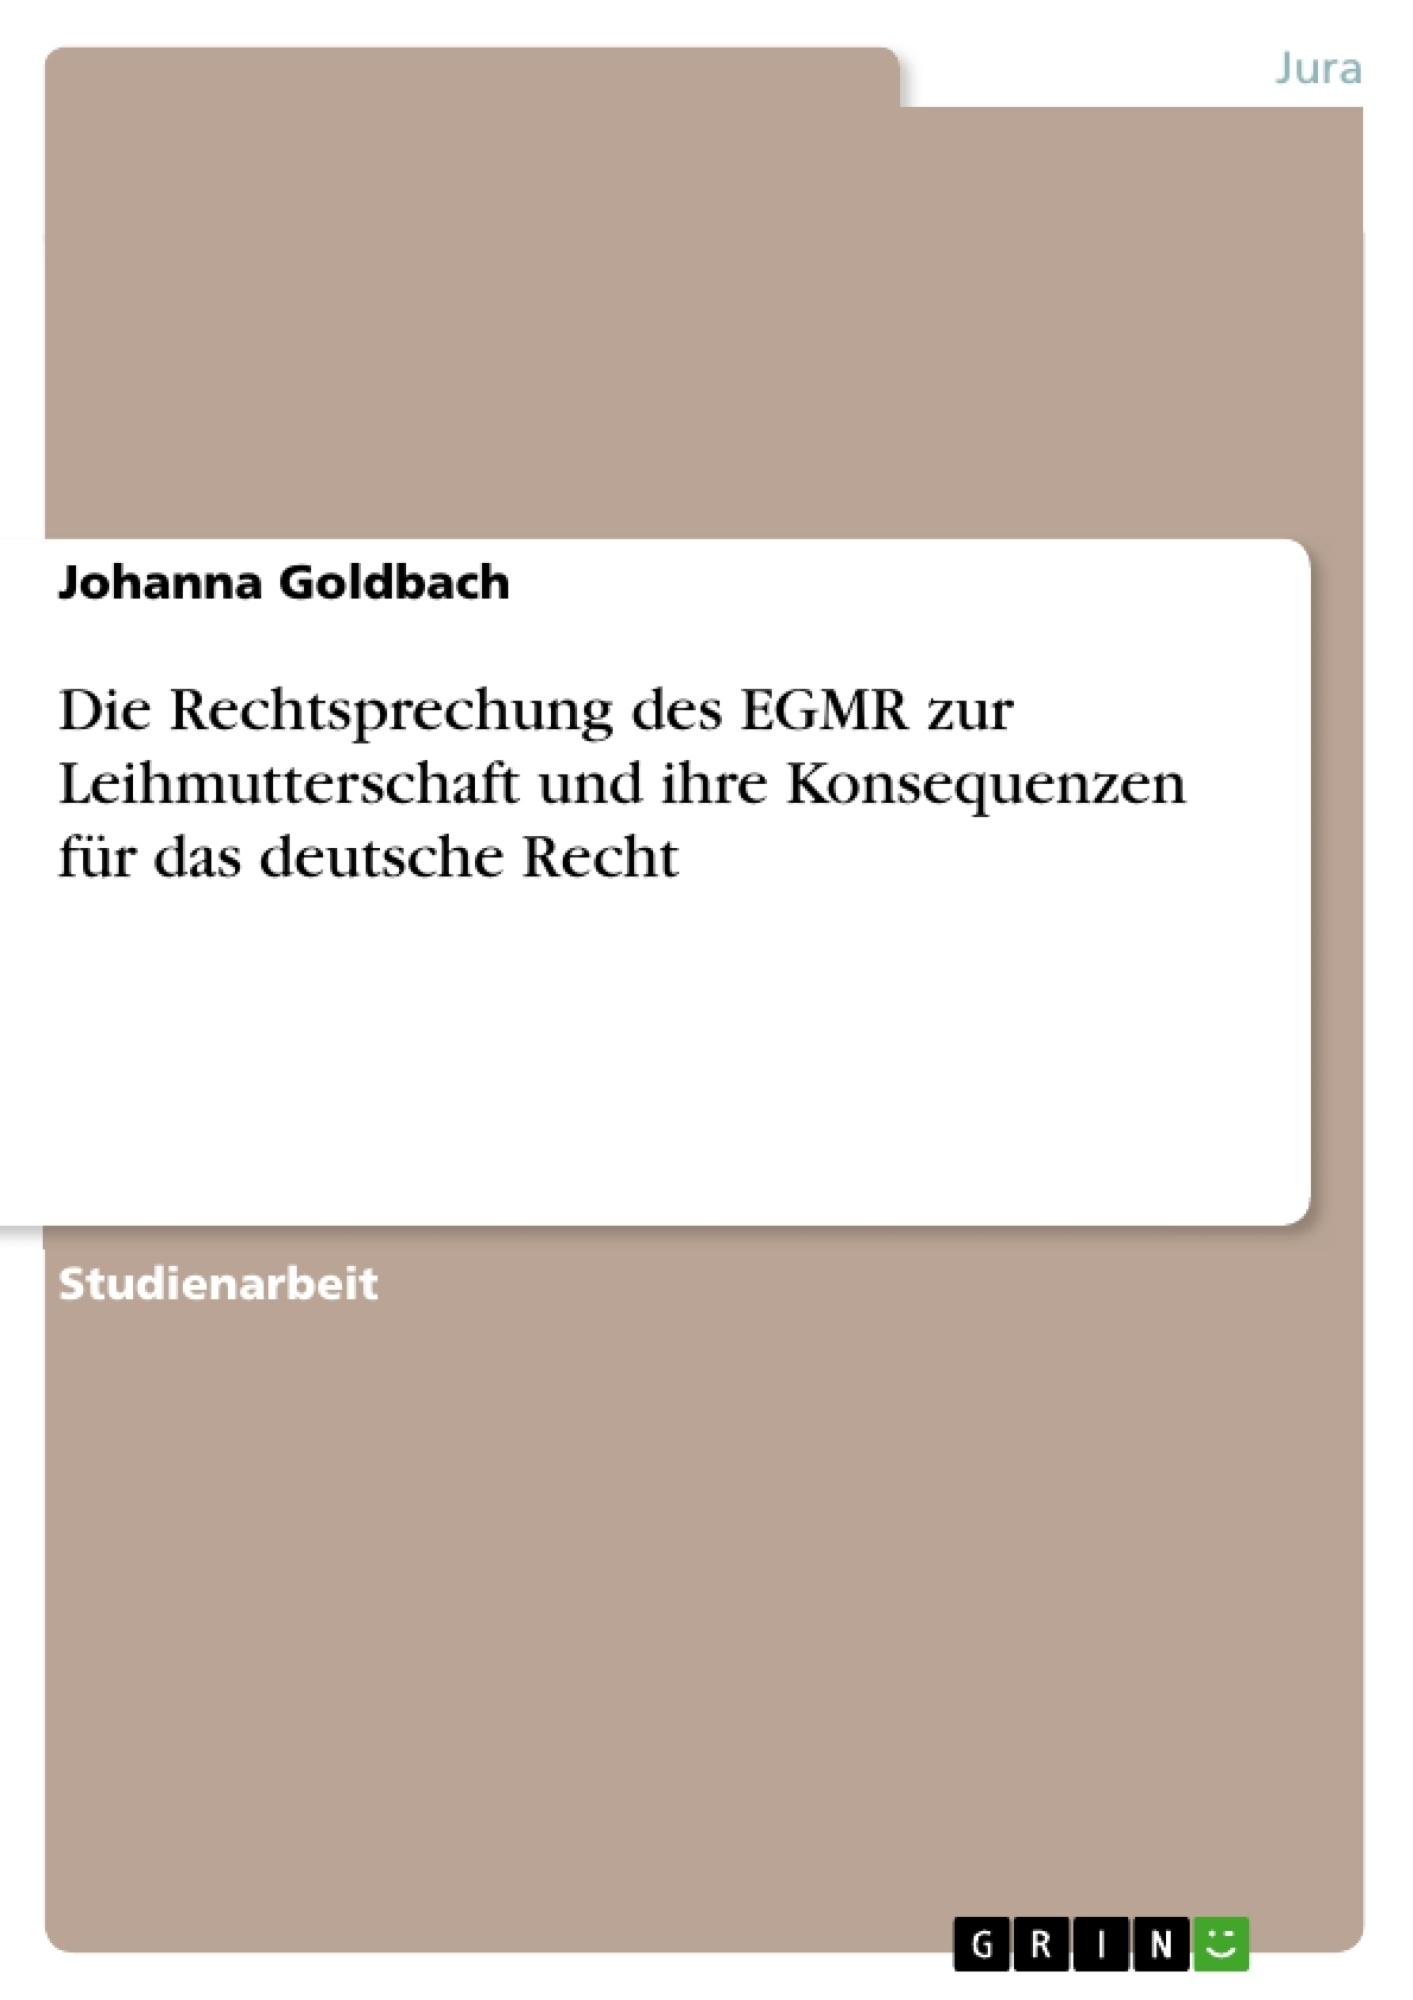 Titel: Die Rechtsprechung des EGMR zur Leihmutterschaft und ihre Konsequenzen für das deutsche Recht